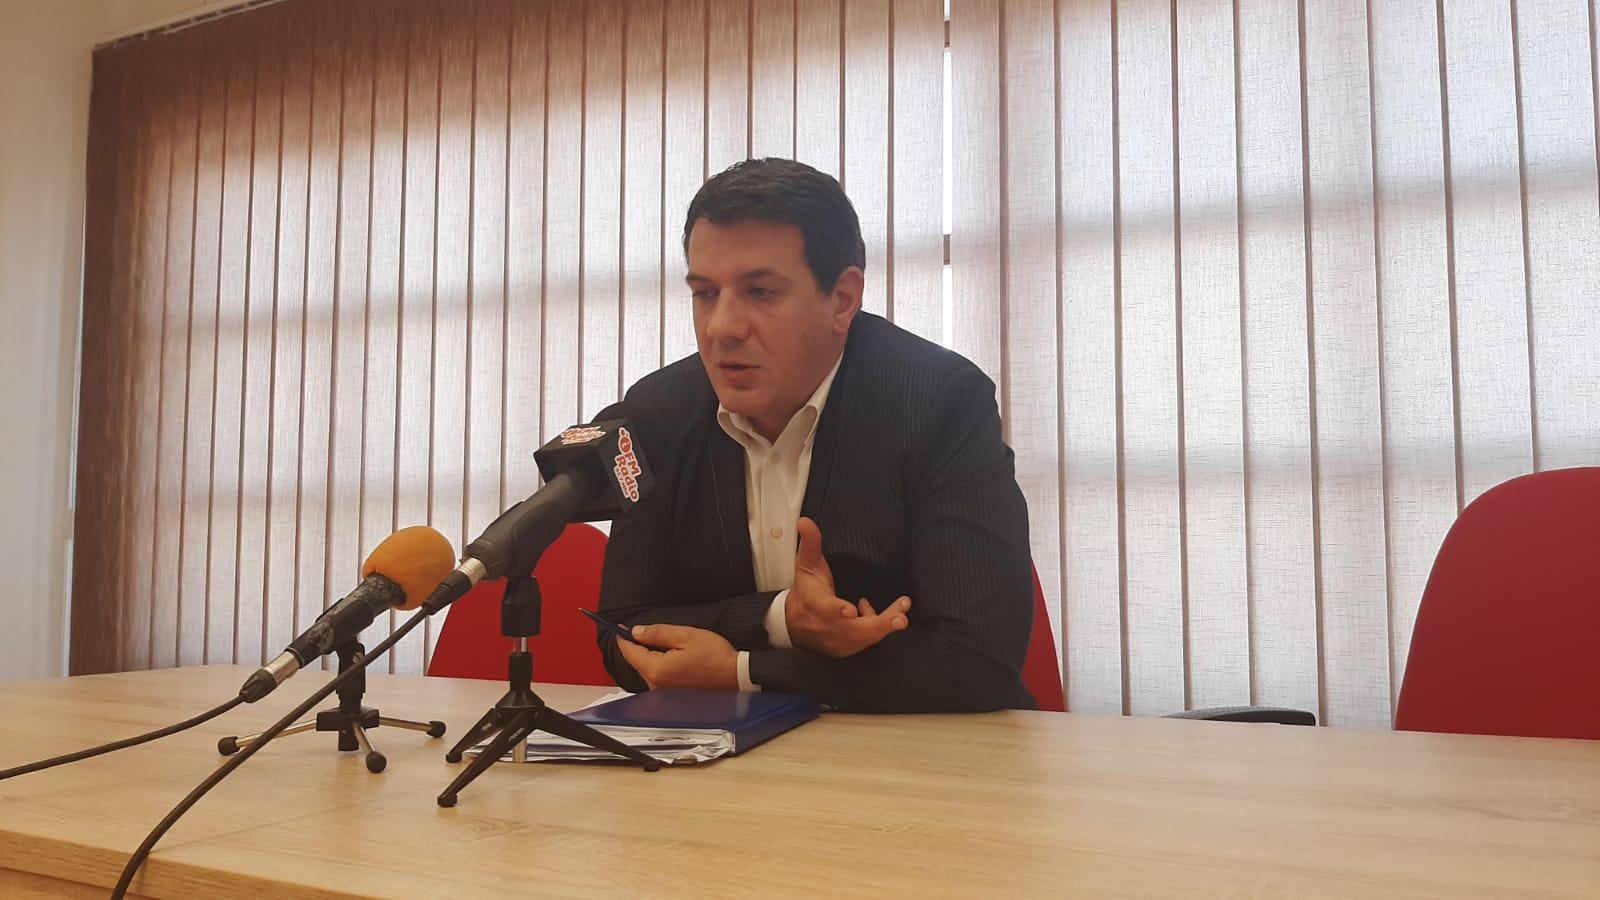 Петровић најавио подношење тужби због немилих догађаја на скупштинском заседању